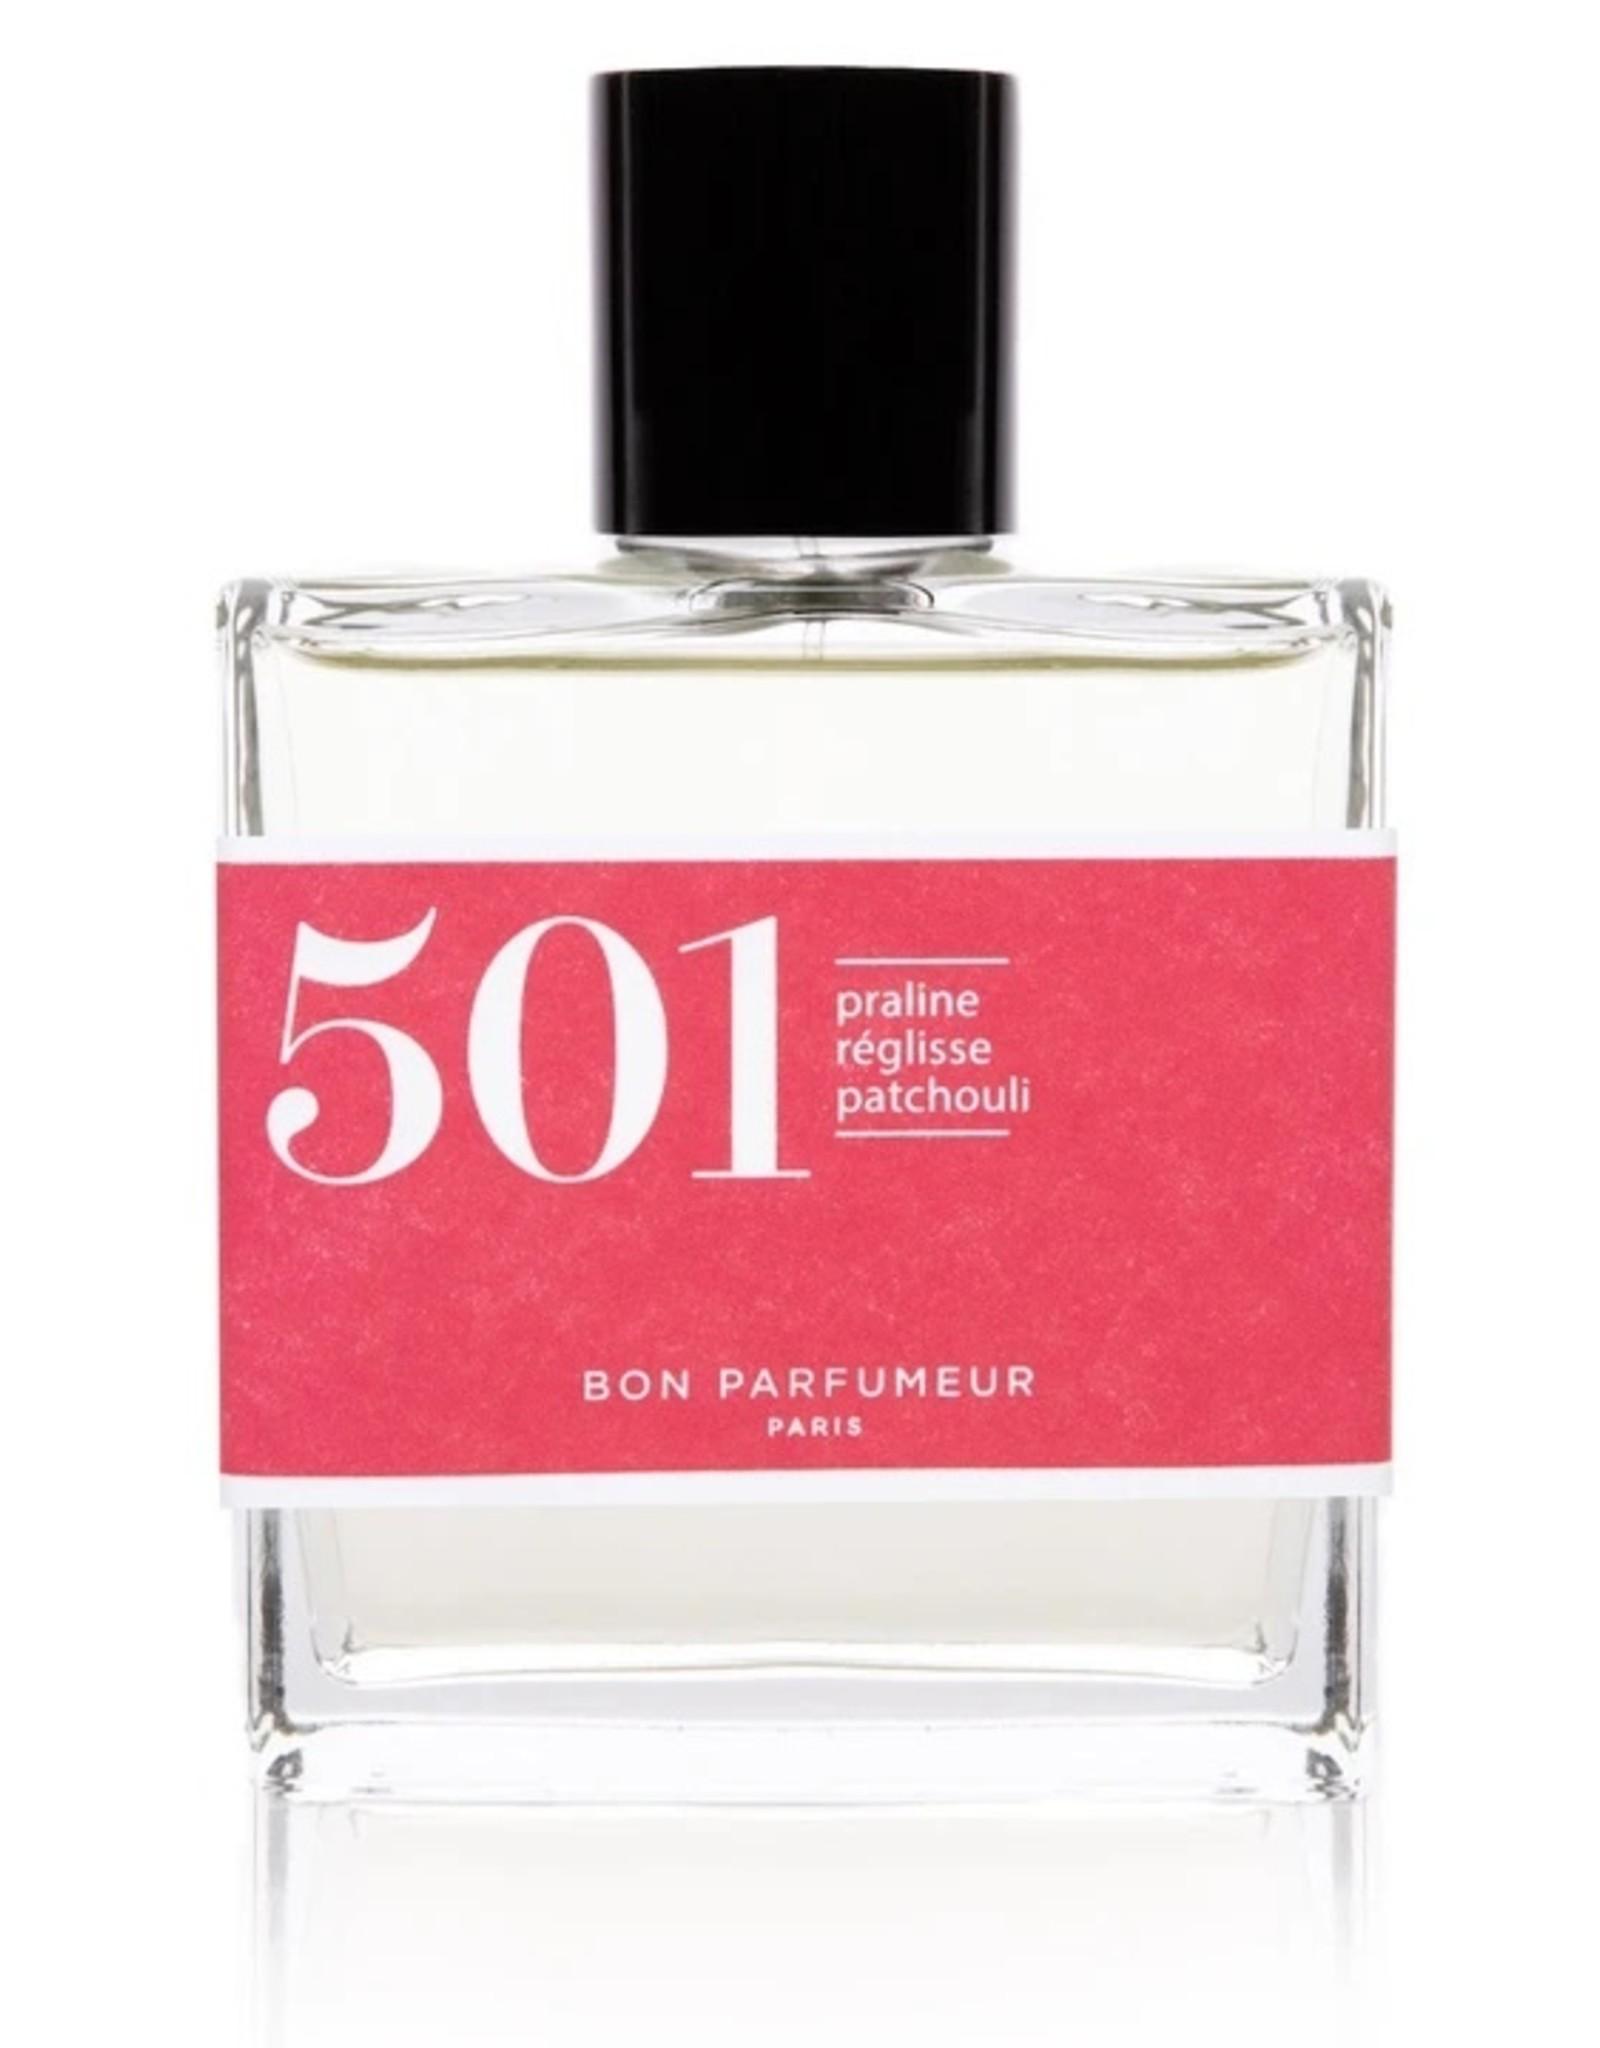 Bon parfumeur Eau de Parfum 501